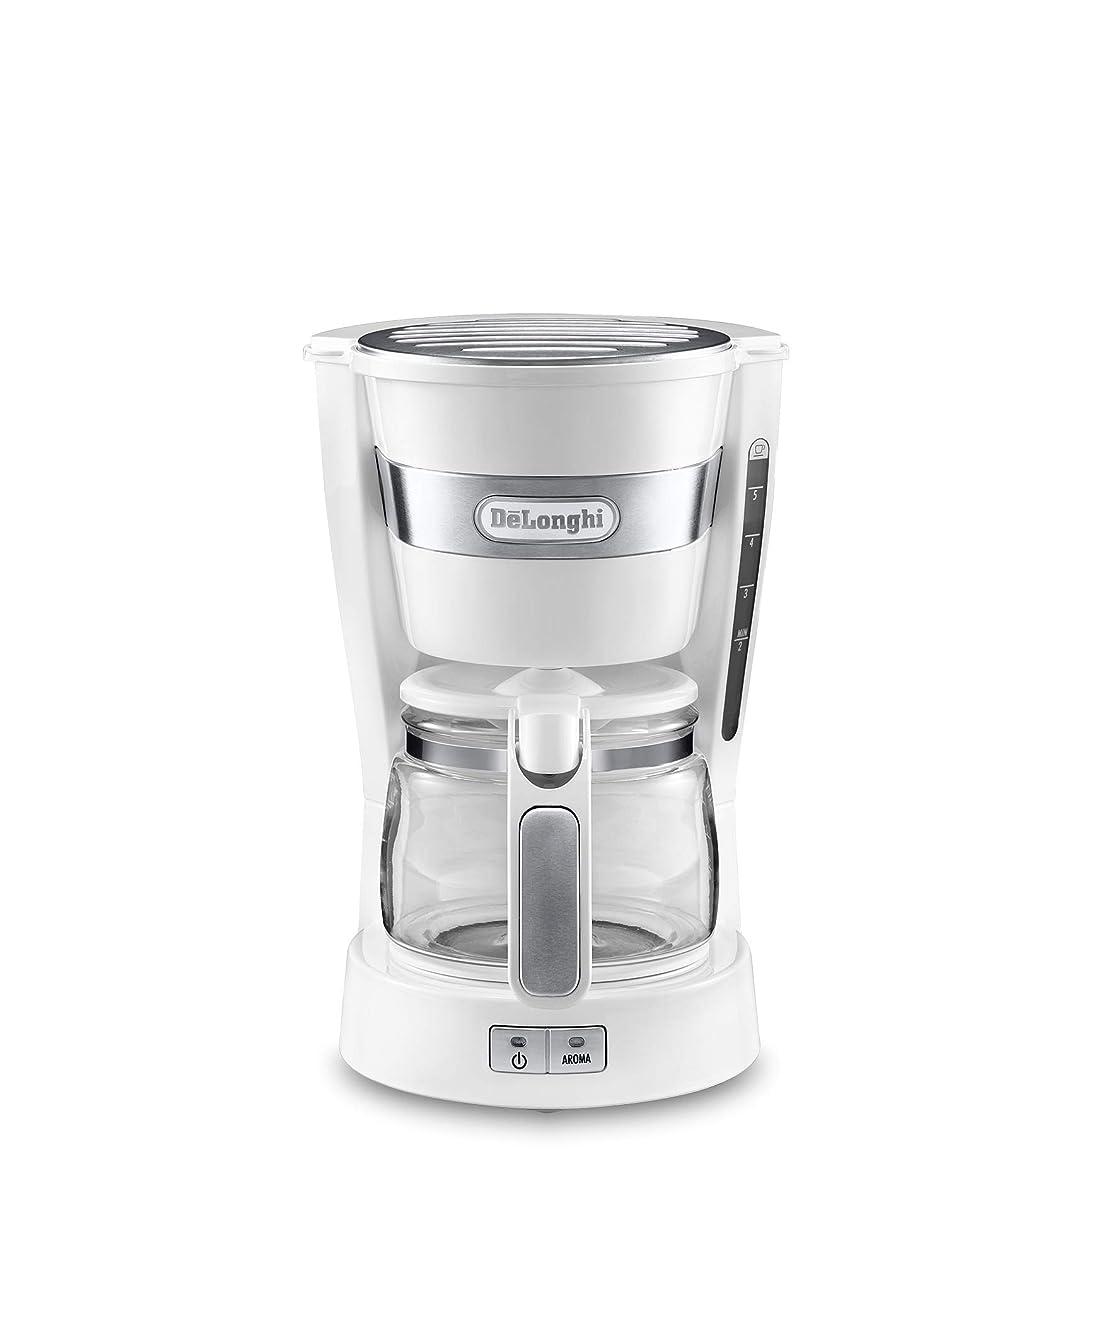 燃やす狂うペイントデロンギ コーヒーメーカー アクティブシリーズ  トゥルーホワイト ICM14011J-W